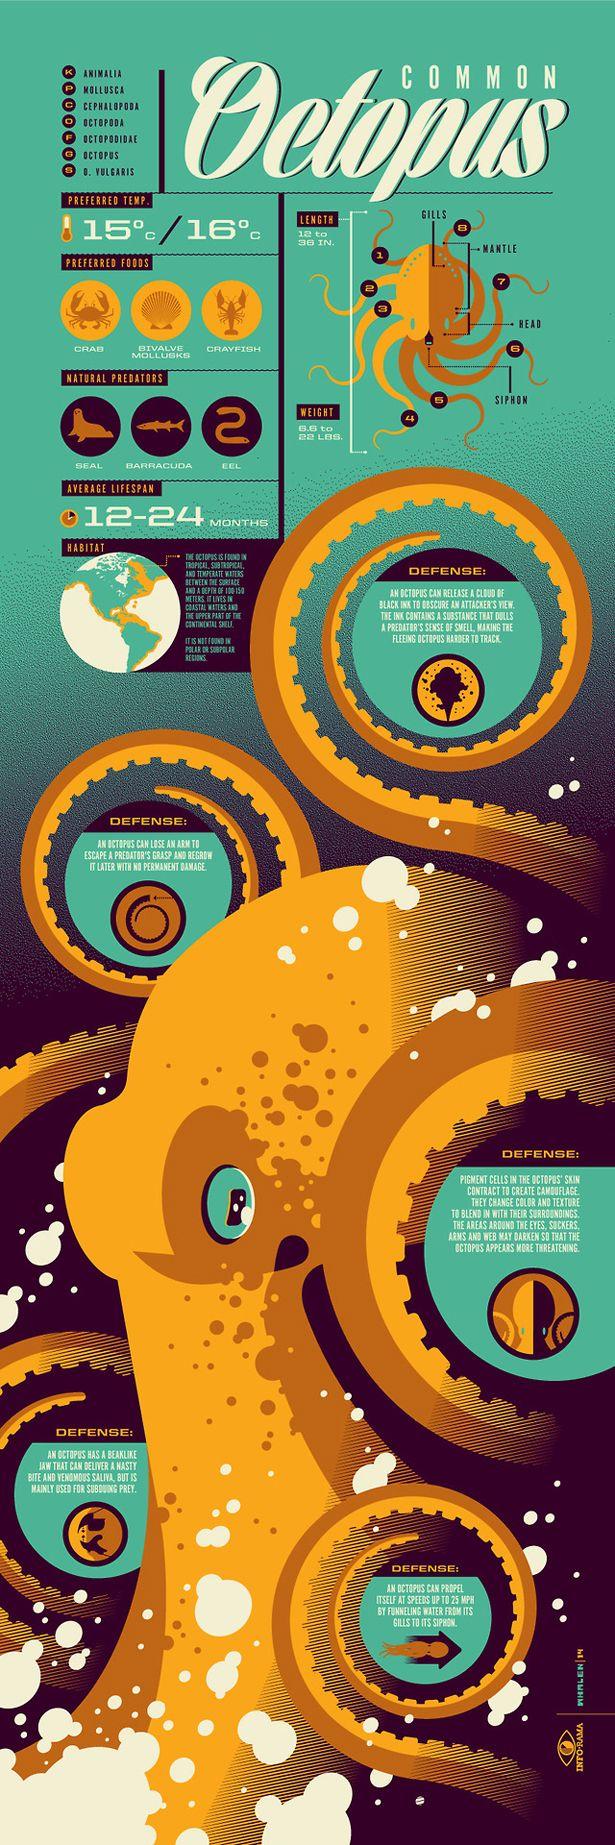 Stunning Infographic Art Series - Design - ShortList Magazine